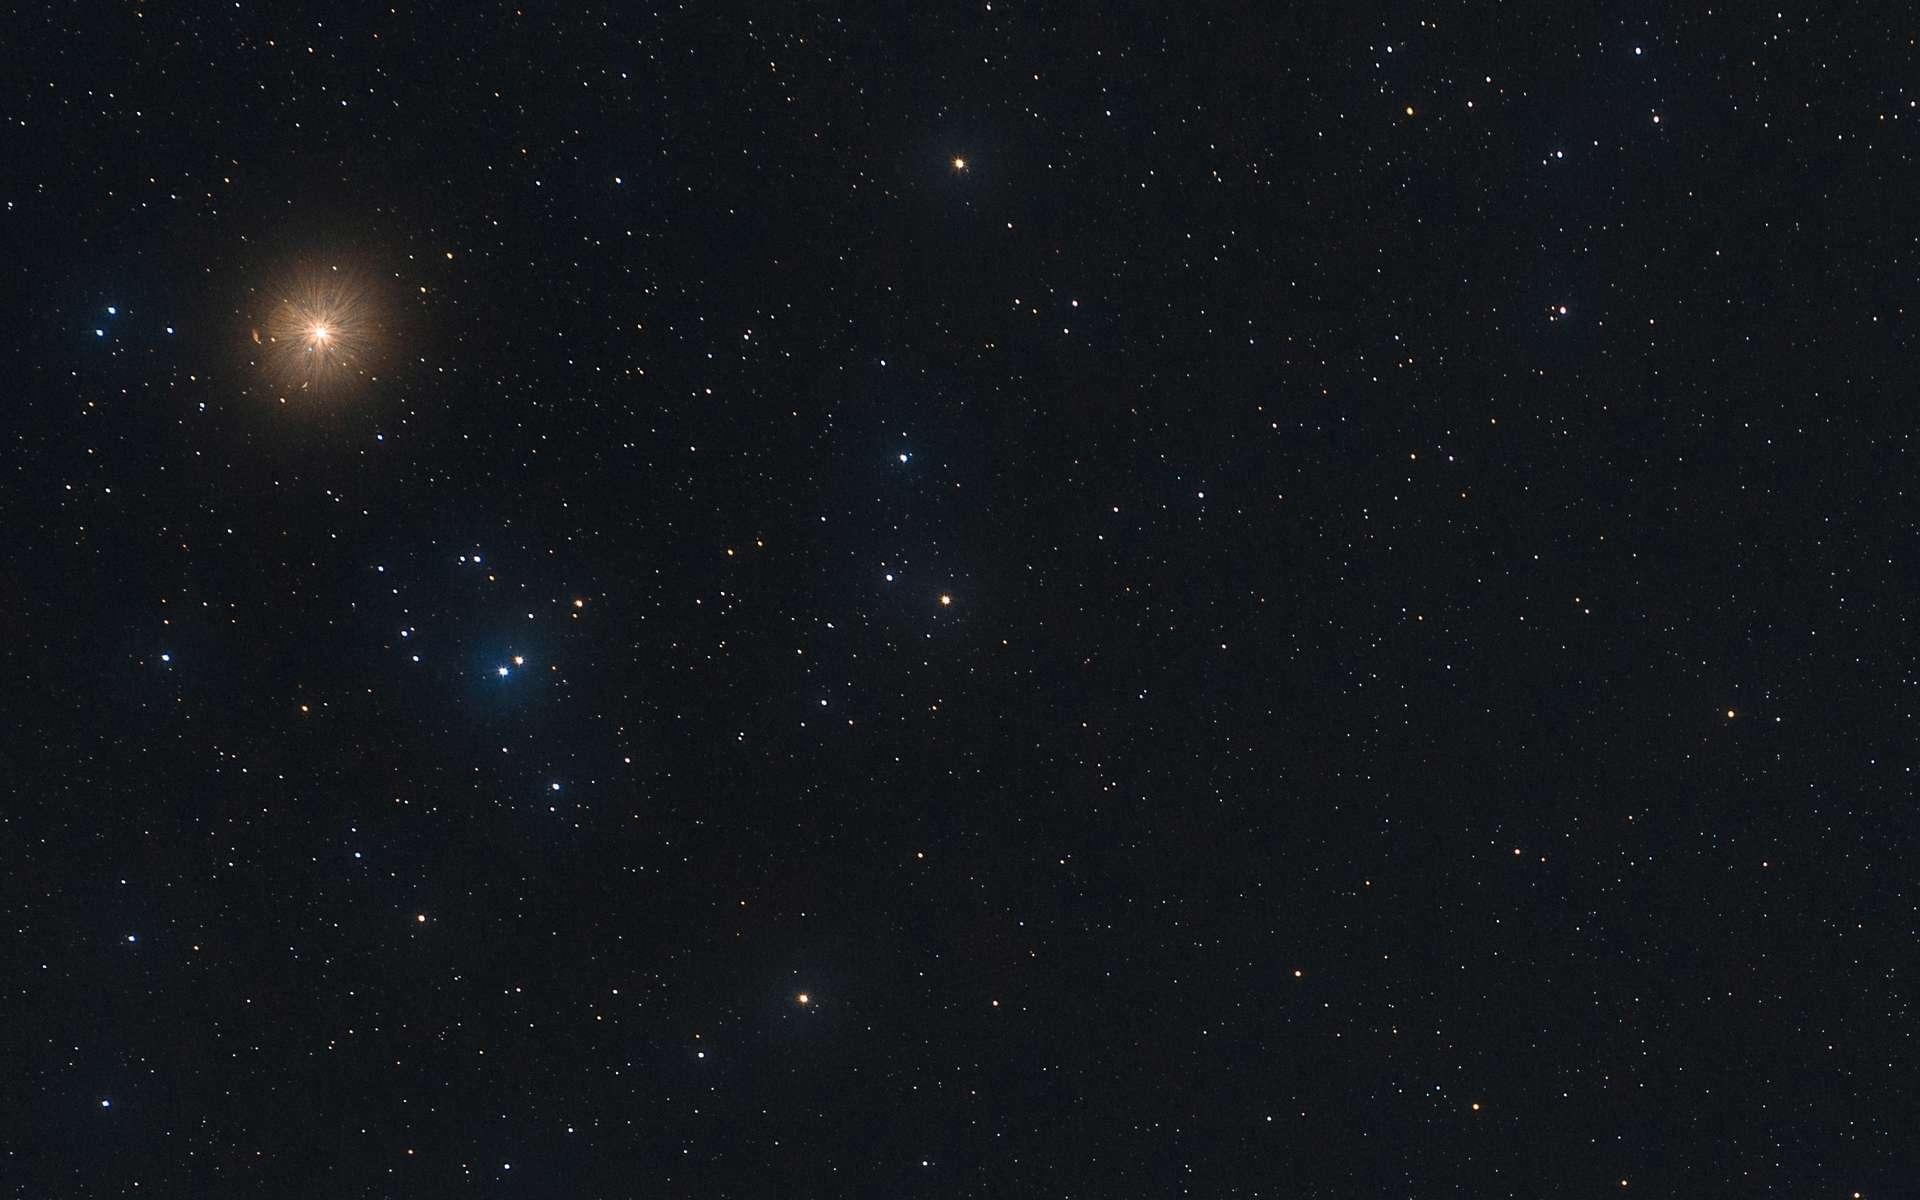 Gros plan sur les Hyades, amas de jeunes étoiles dont les plus brillantes forment un V vus depuis la Terre. Aldébaran, à l'éclat rouge-orangé, n'appartient pas à l'essaim. © David Hajnal, Adobe Stock